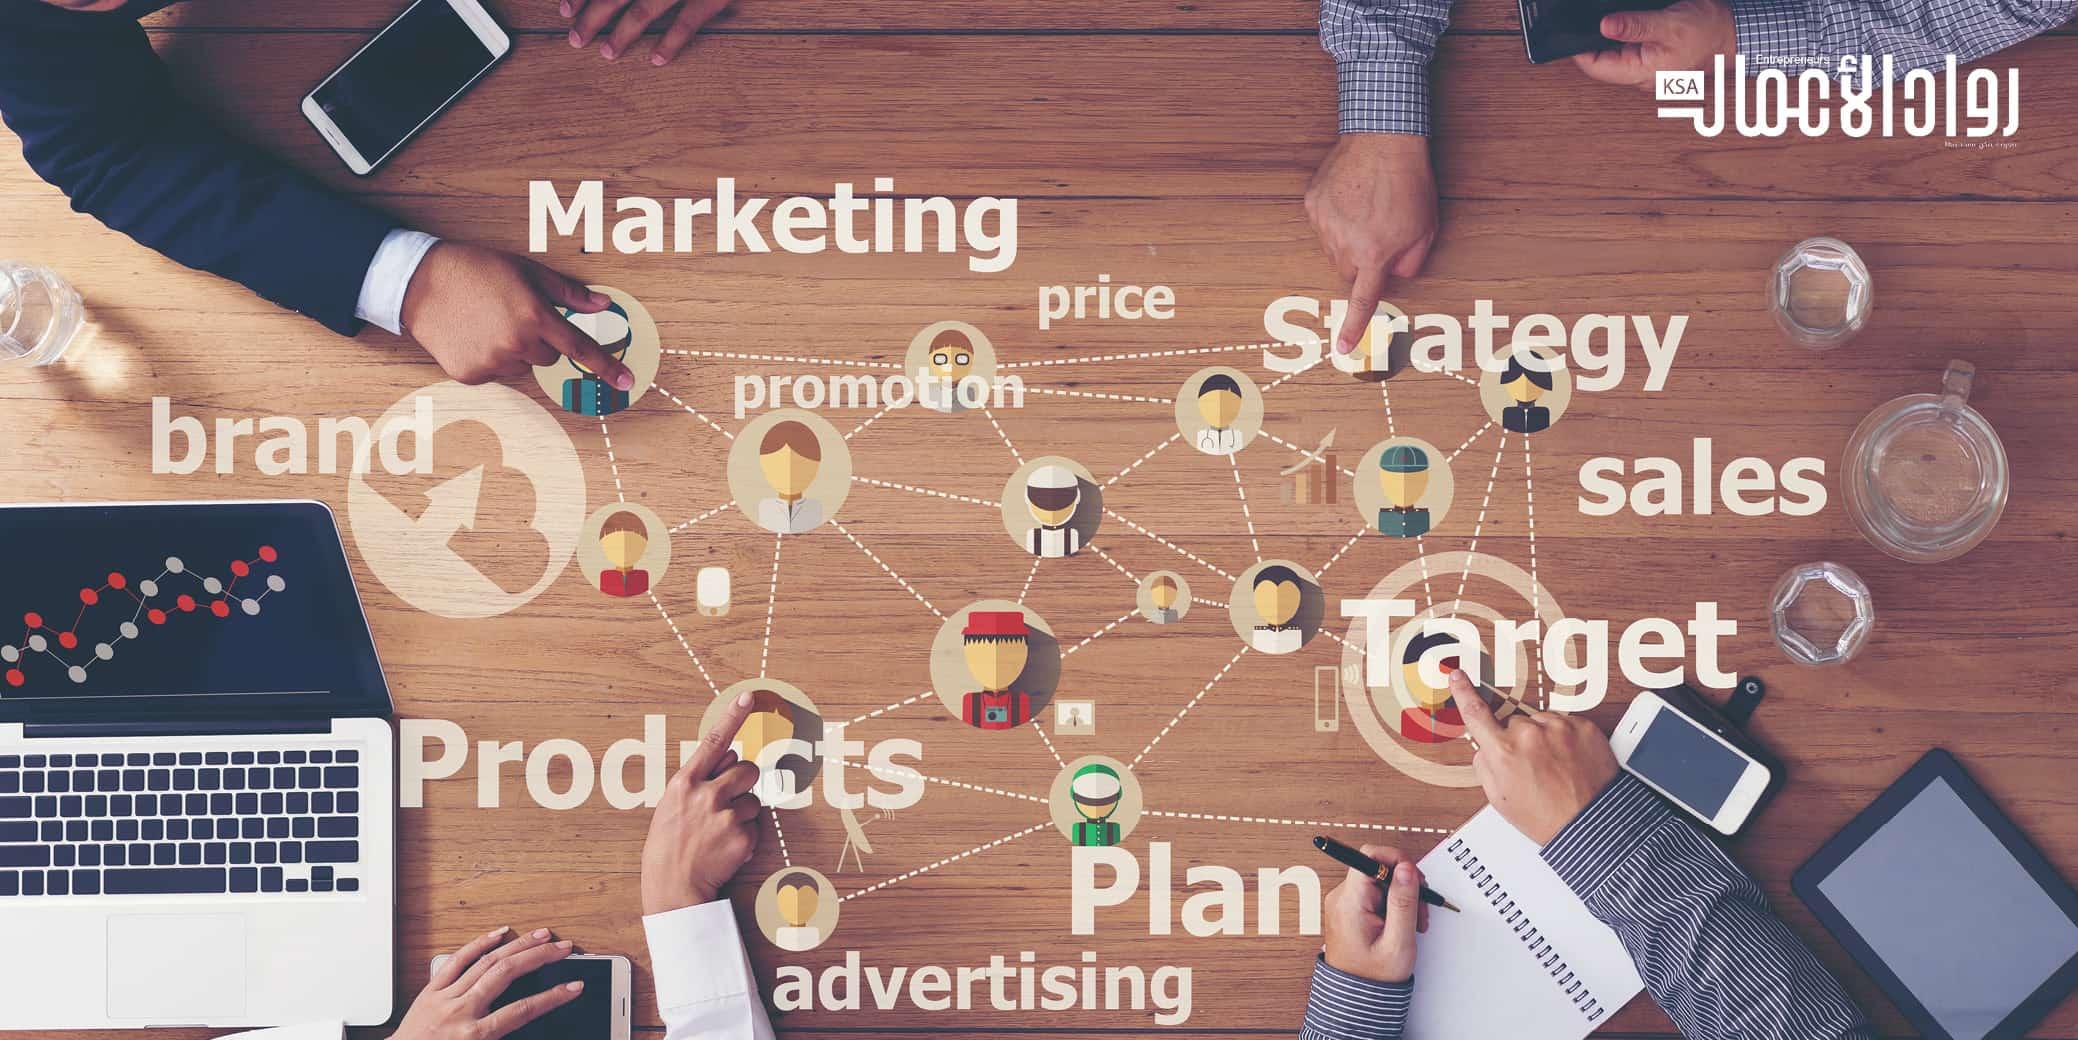 خطوات لنجاح الحملات الإعلانية